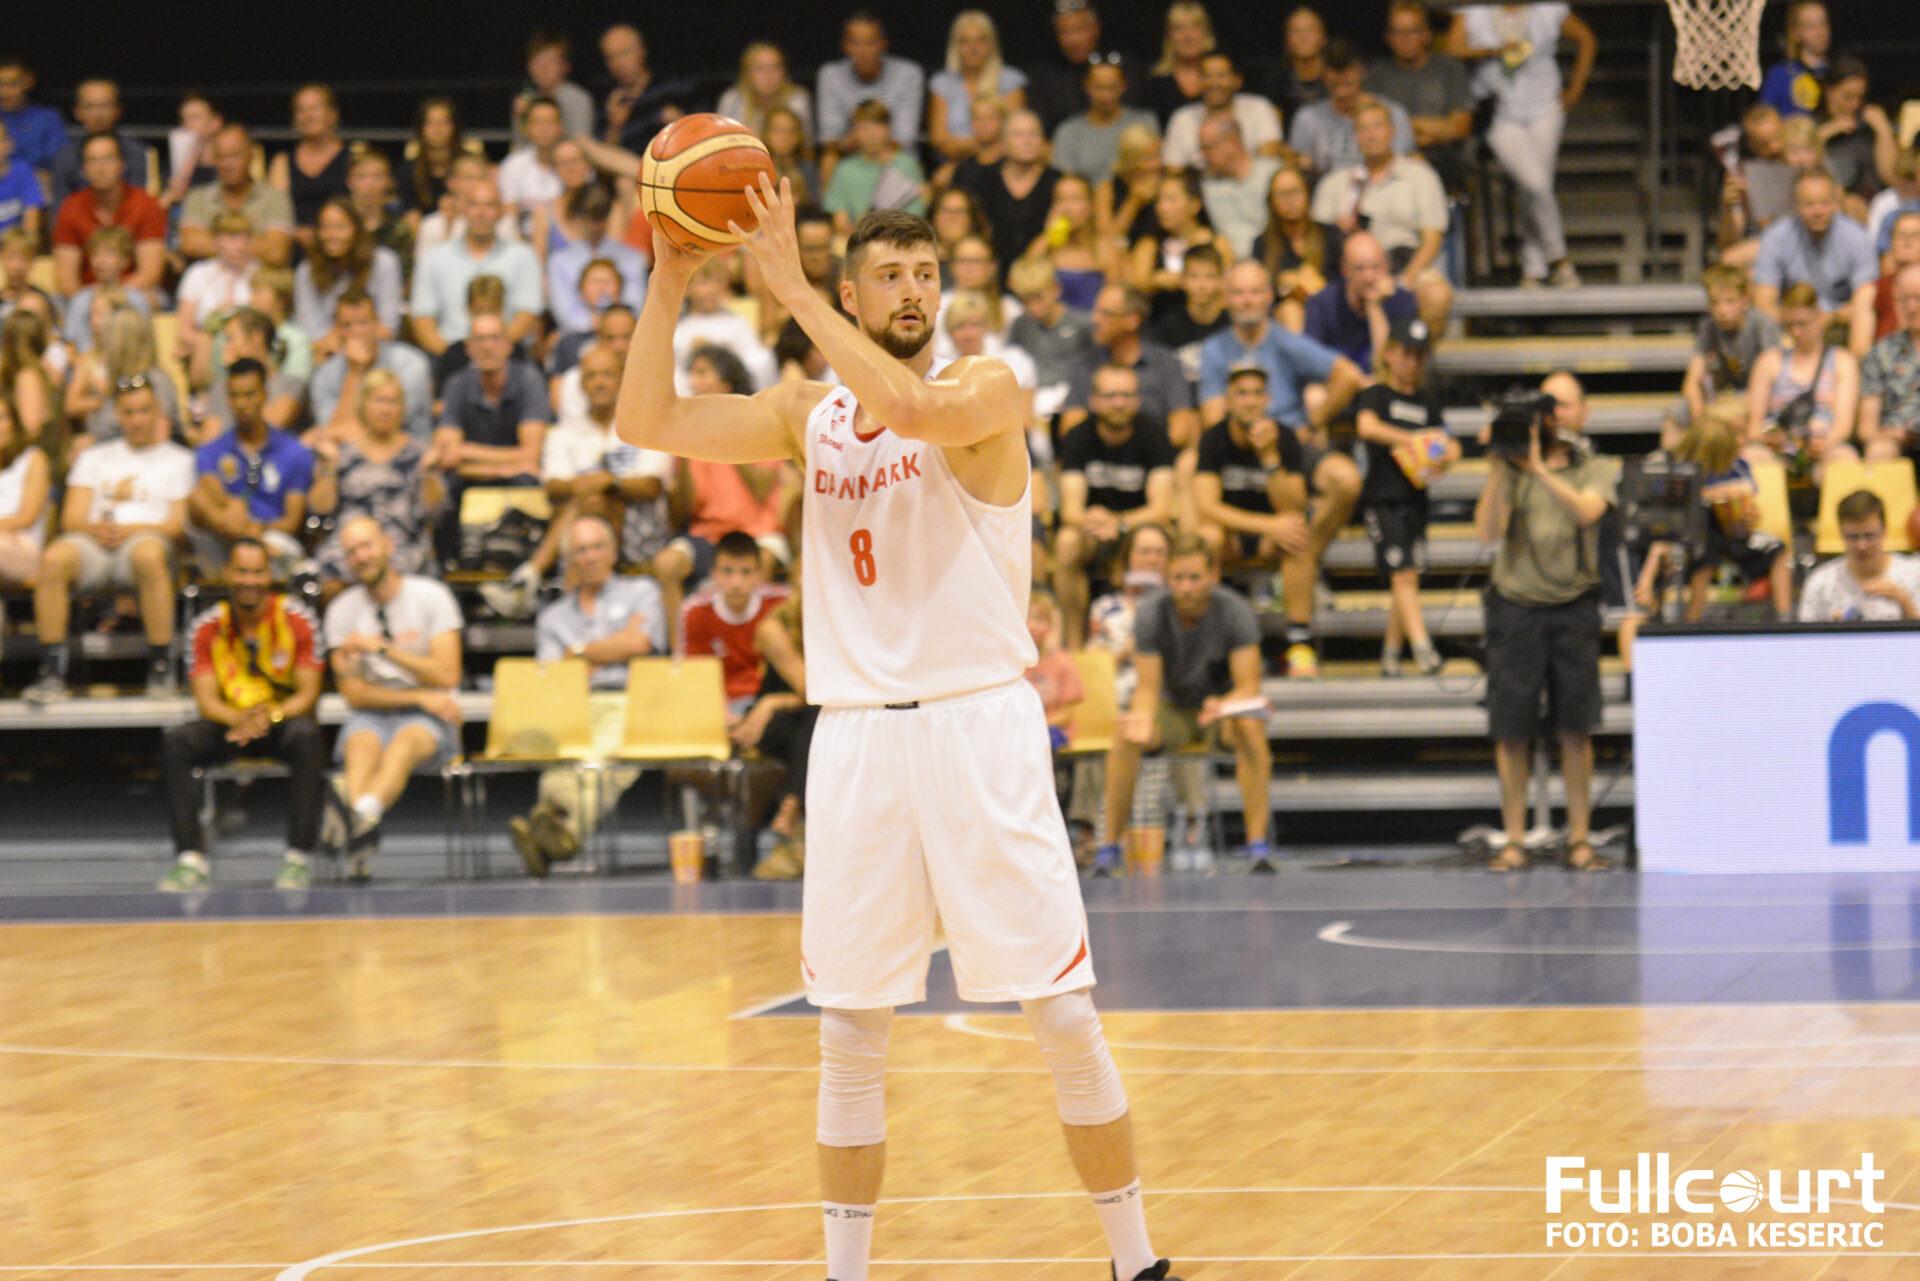 Darko Jukic udgår af landsholdstruppen med brækket hånd